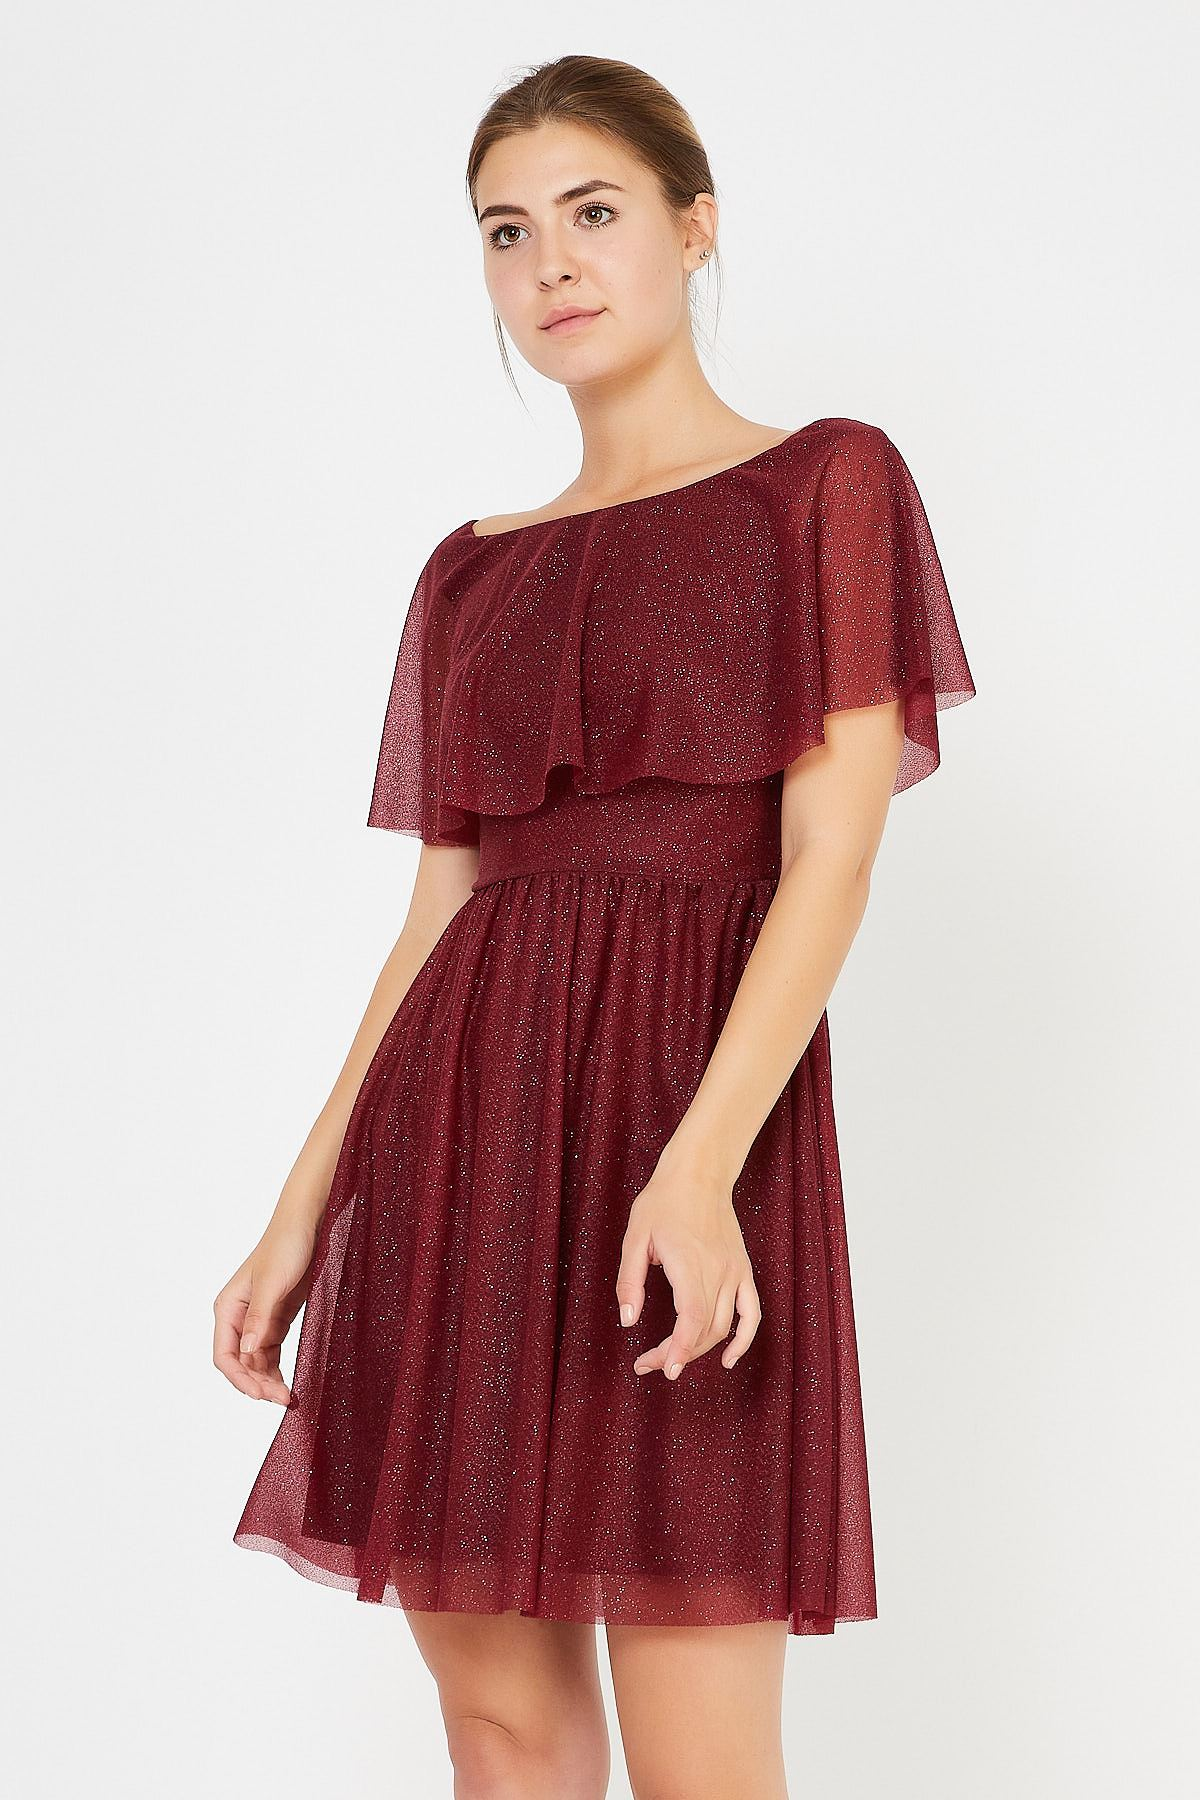 Göğüsü Volanlı Simli Tül Elbise